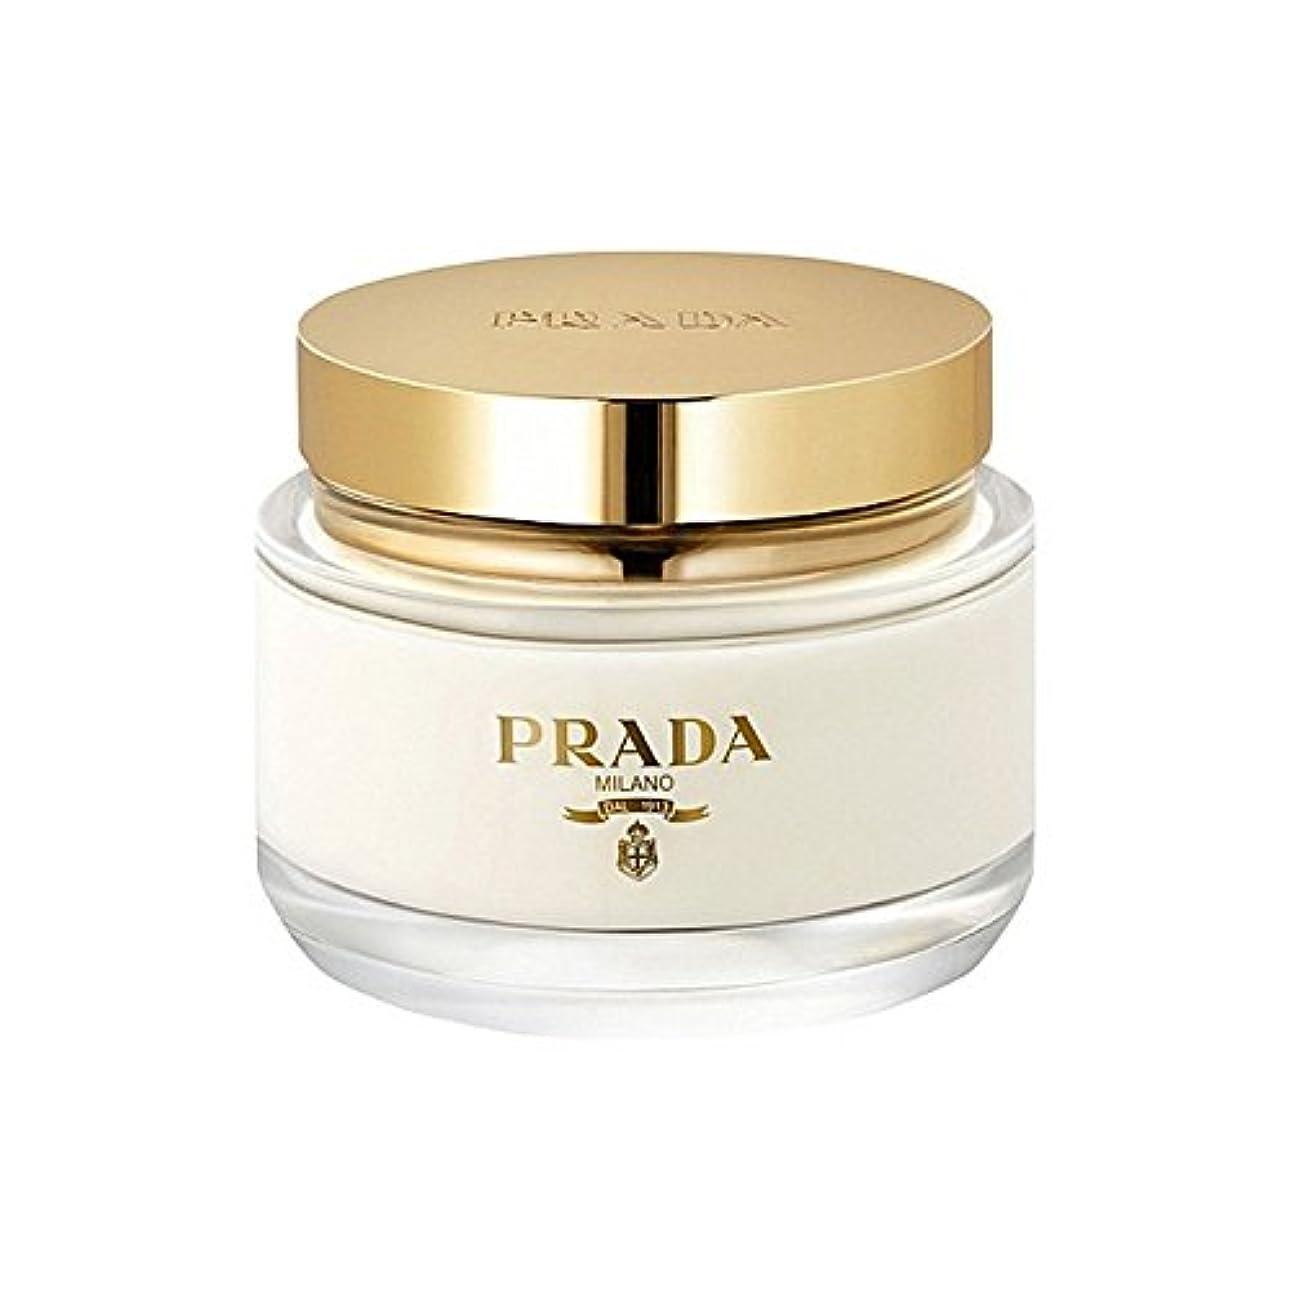 同種のアヒル前文プラダラファムボディクリーム200ミリリットル x2 - Prada La Femme Body Cream 200ml (Pack of 2) [並行輸入品]